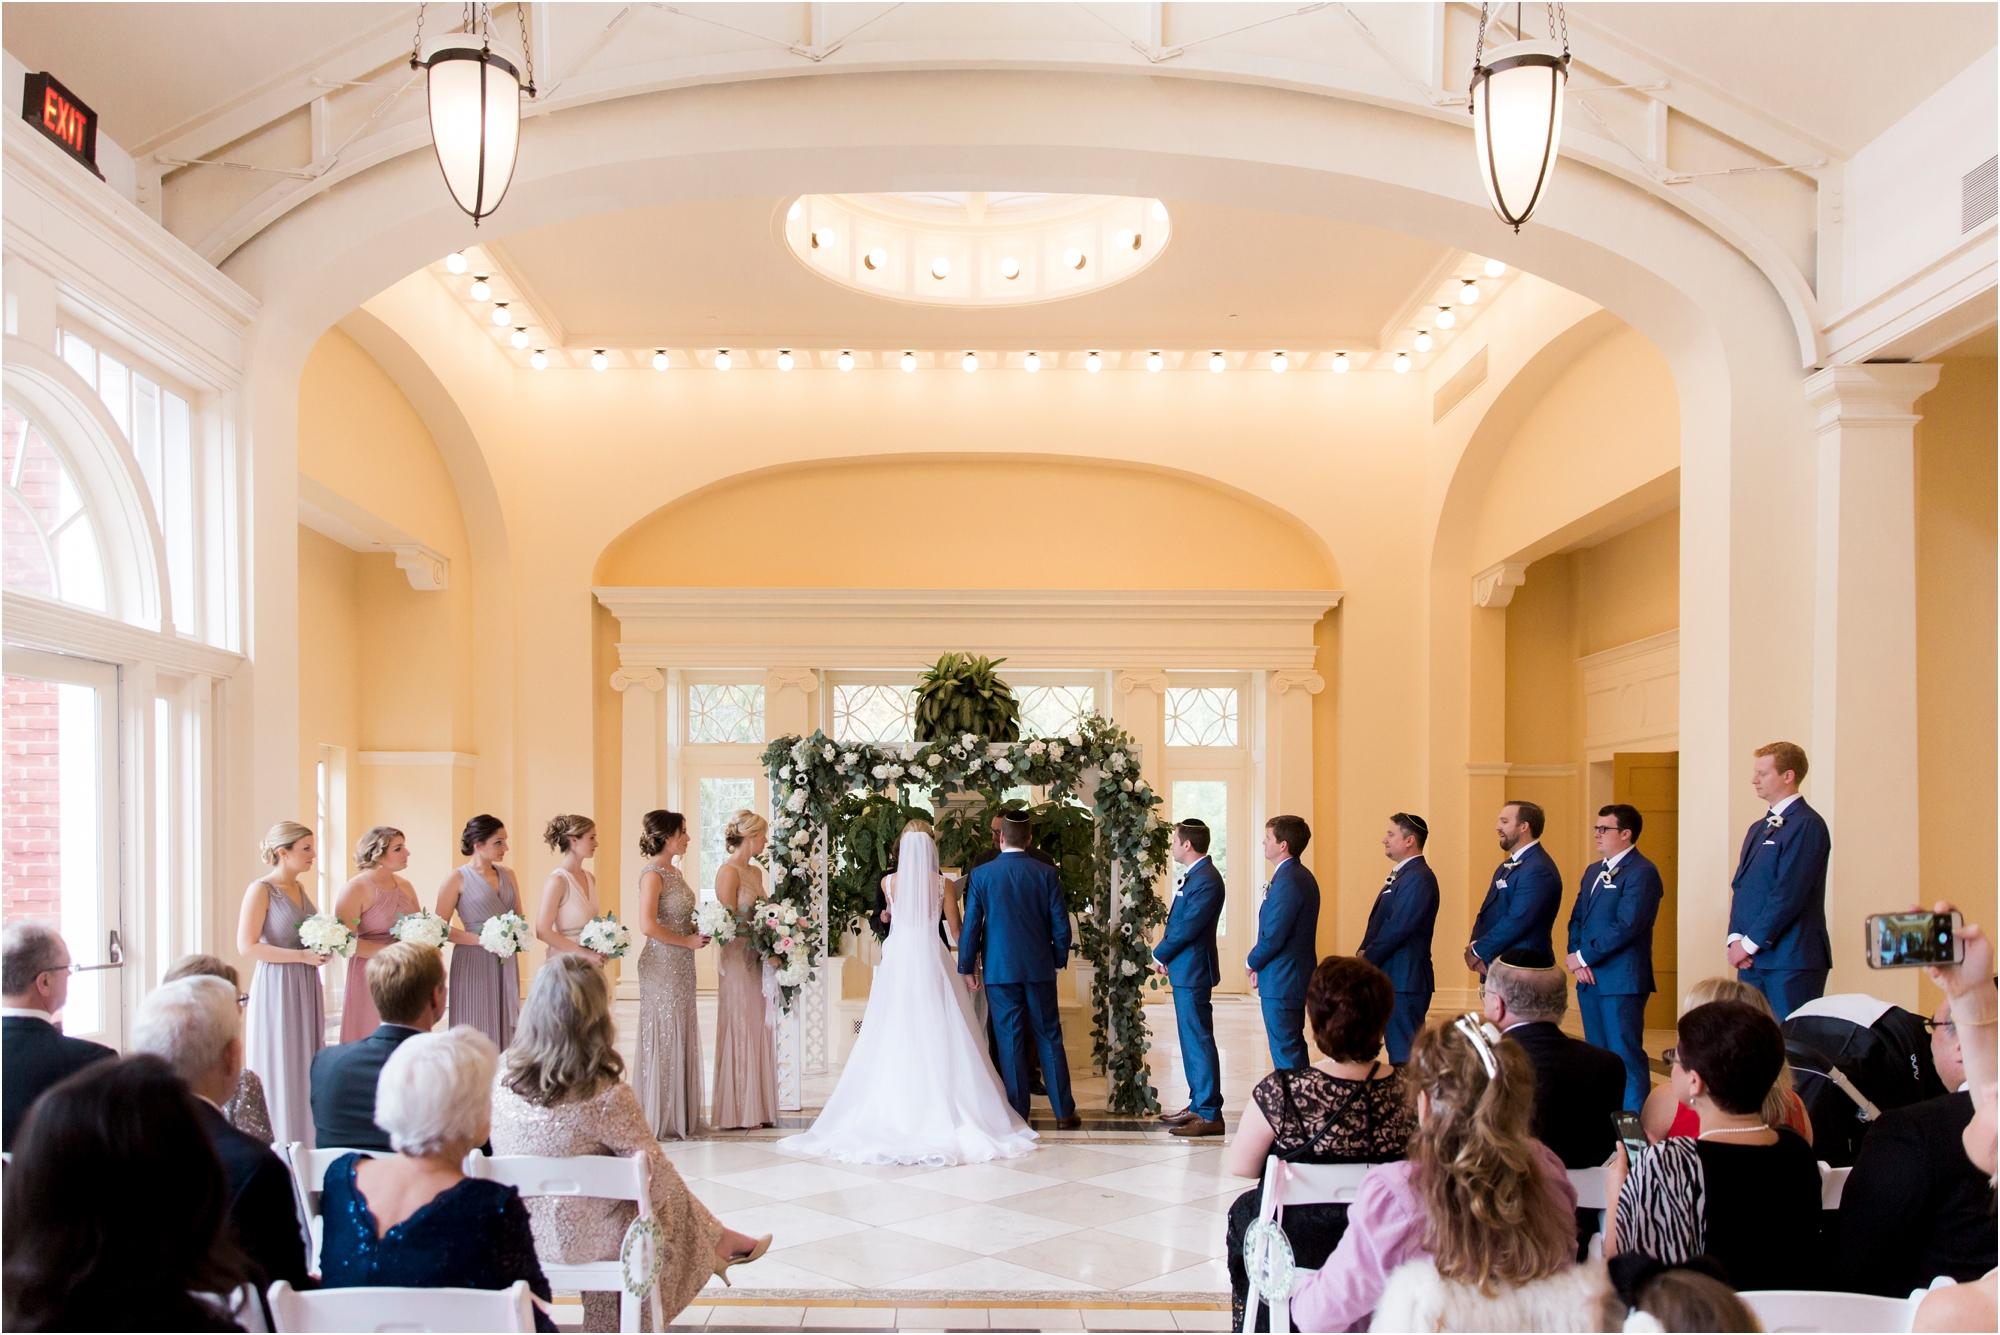 brooke-ilya-fall-virginia-omni-homestead-resort-wedding-photos_0033.jpg